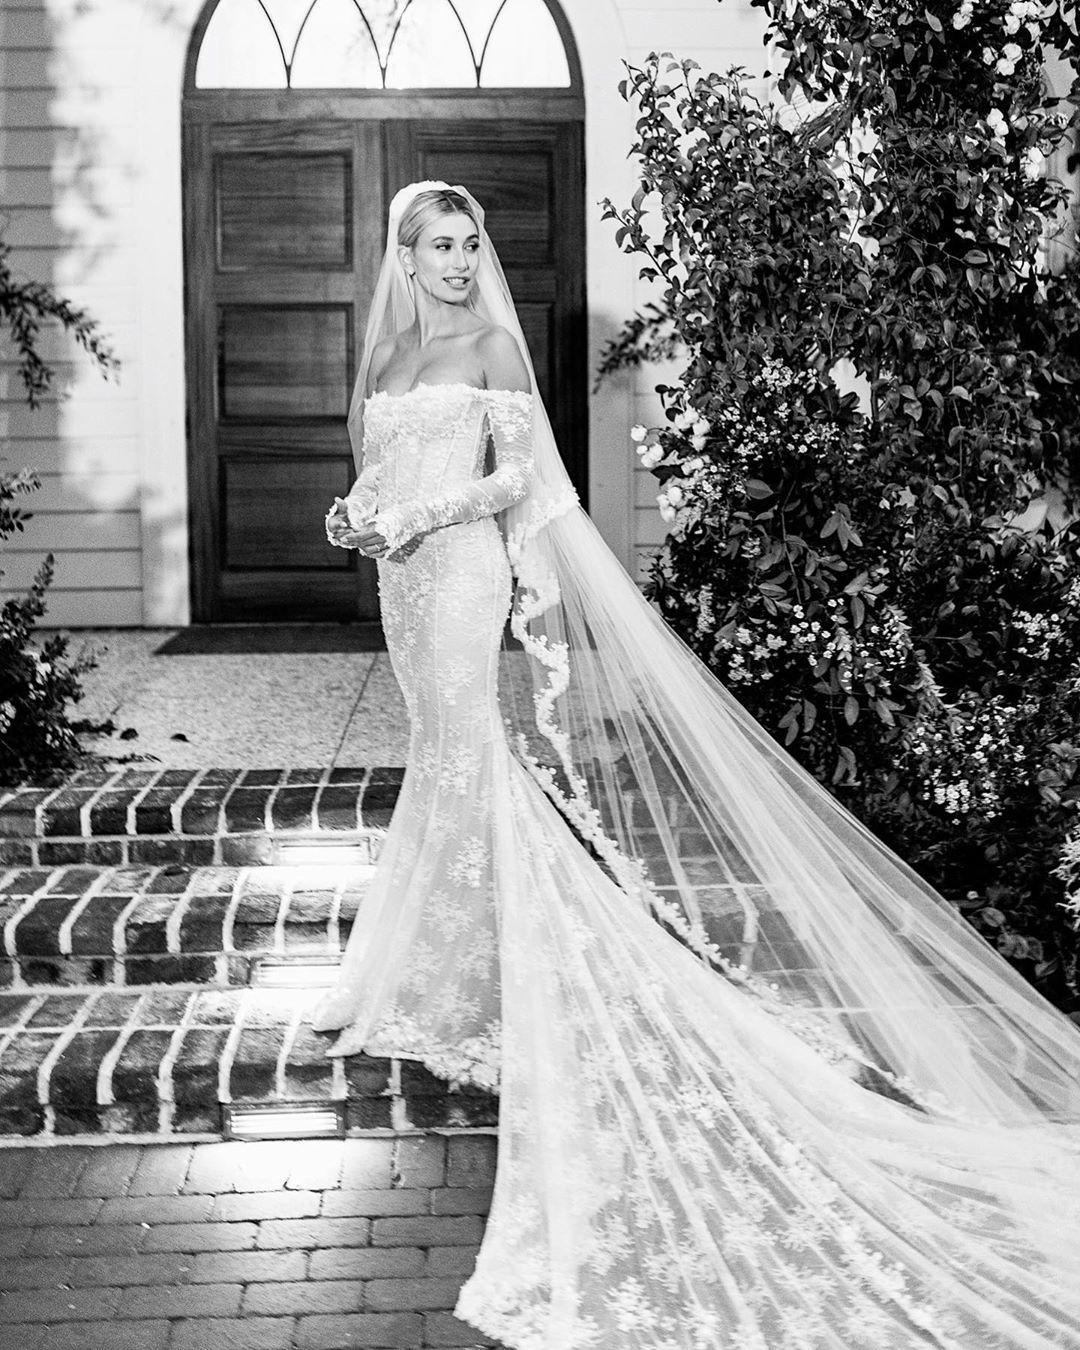 The Best Celebrity Wedding Gowns In 2019 Hailey Bieber